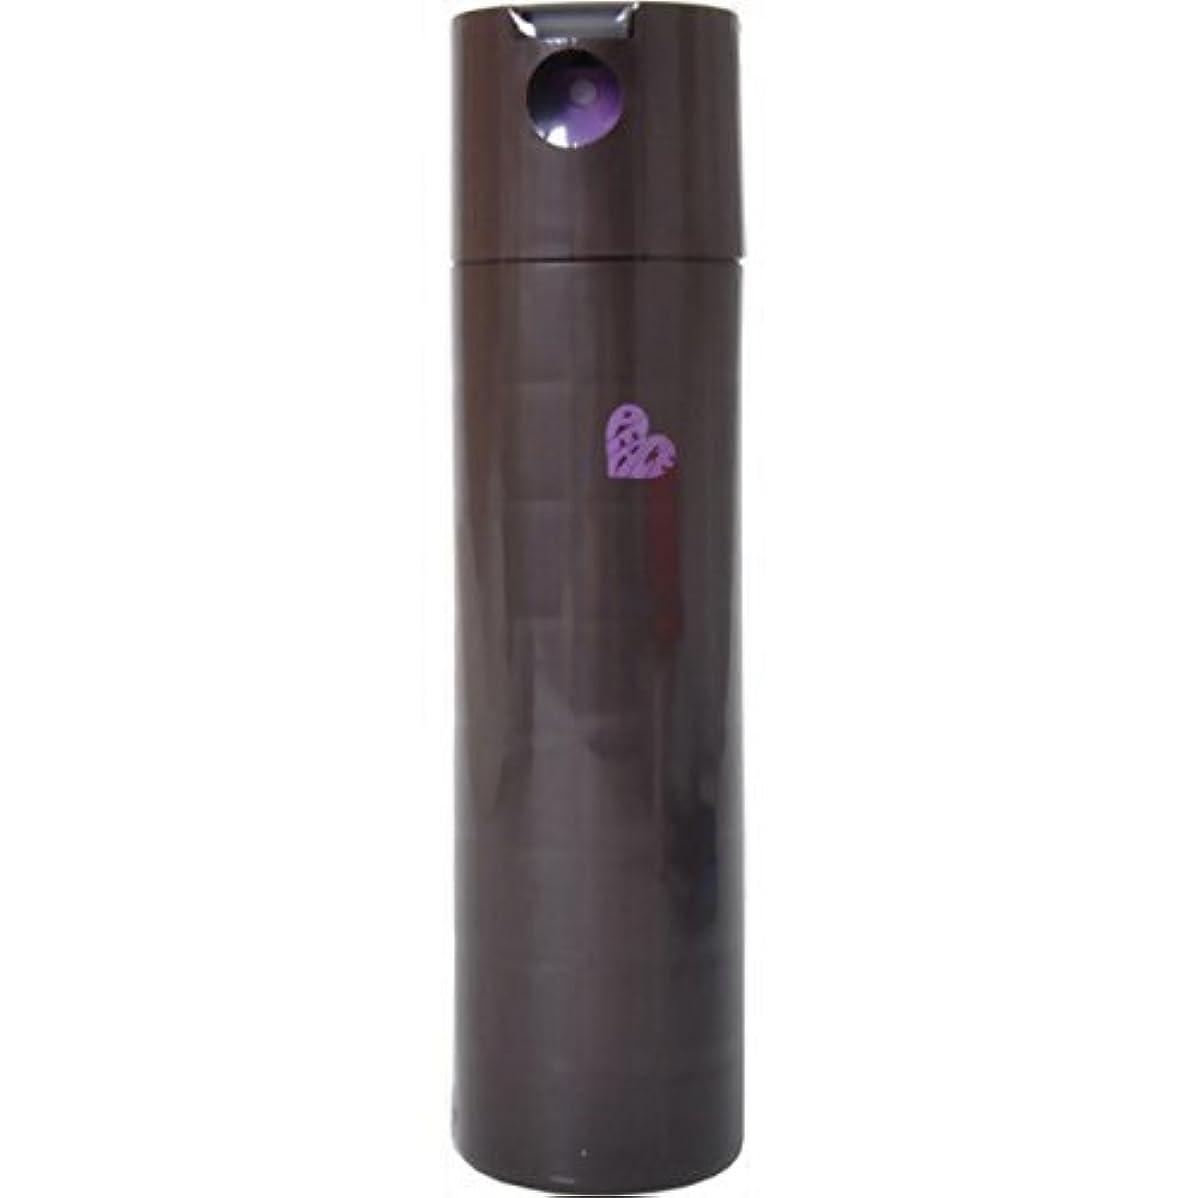 死すべき複数実行アリミノ ピース カールspray チョコ 138g(200ml) スプレーライン ARIMINO PEACE